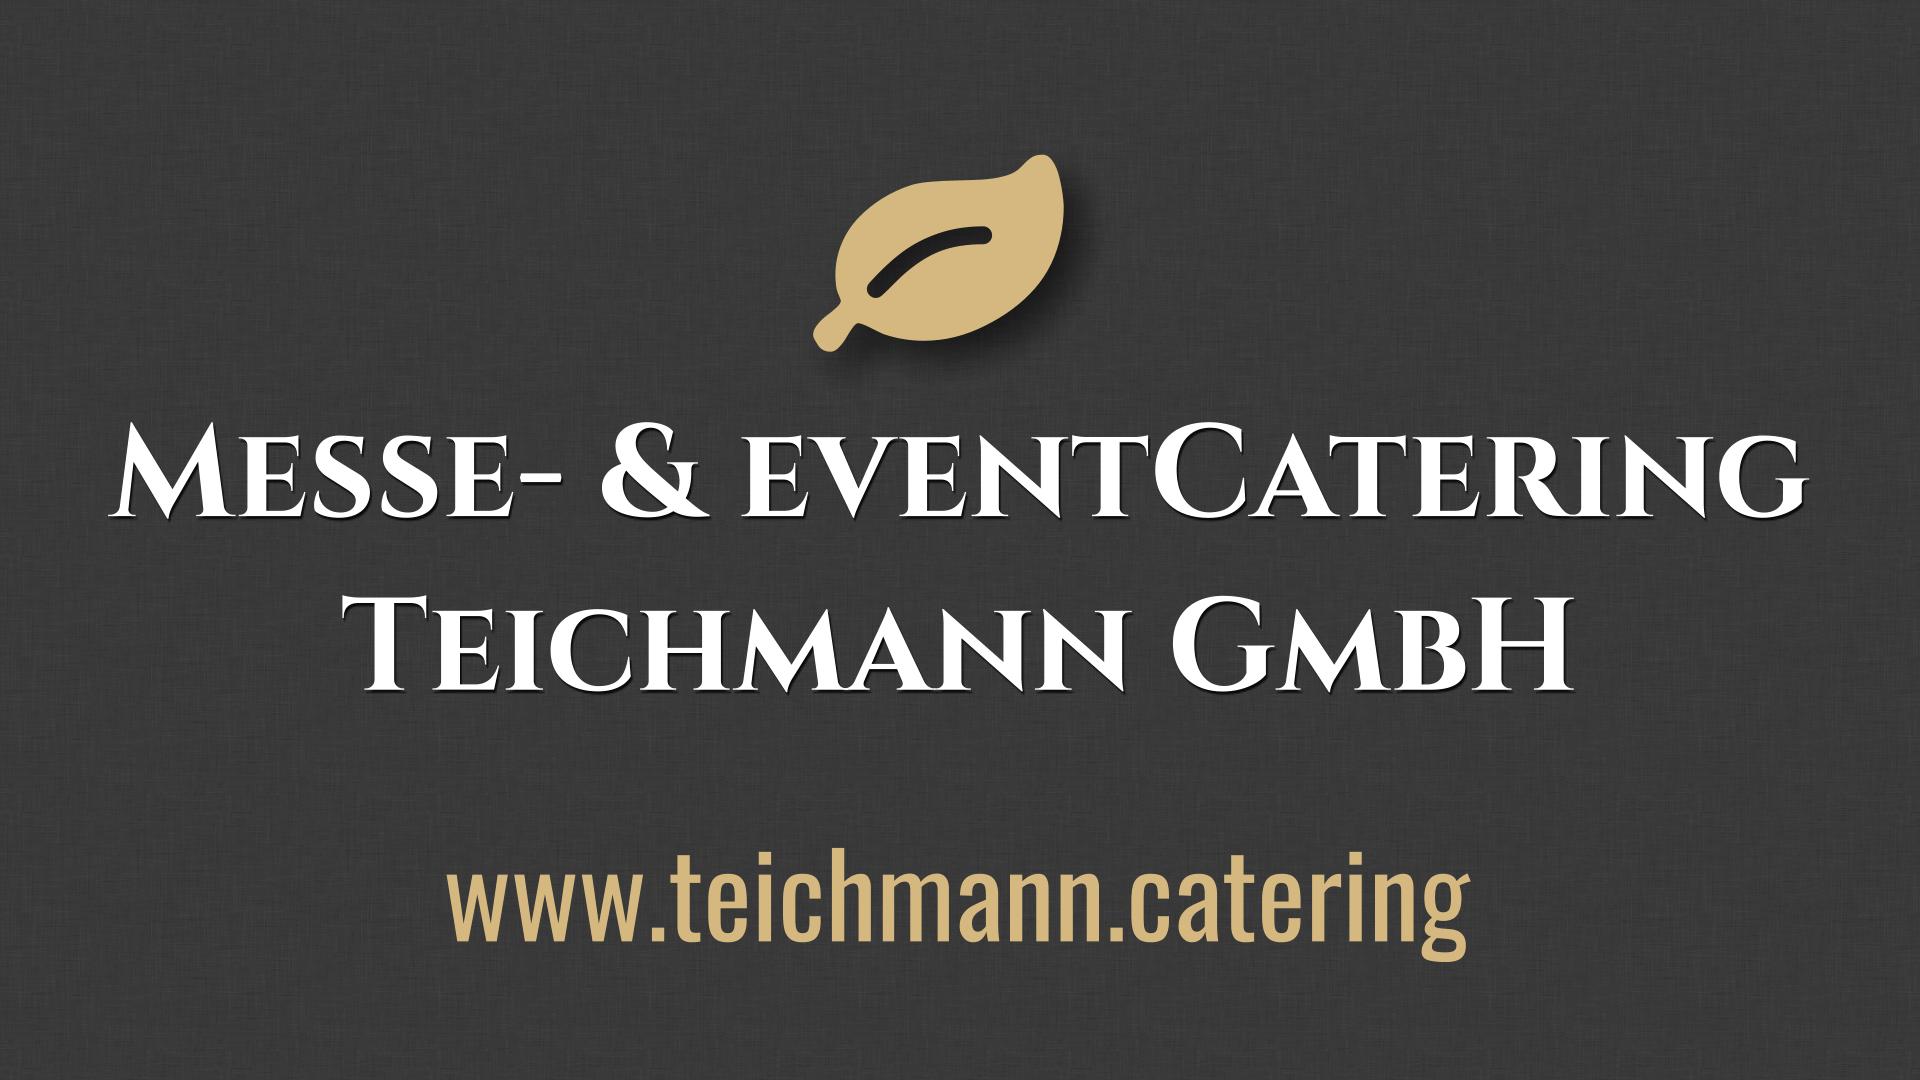 TEICHMANN_LOGO_WWW